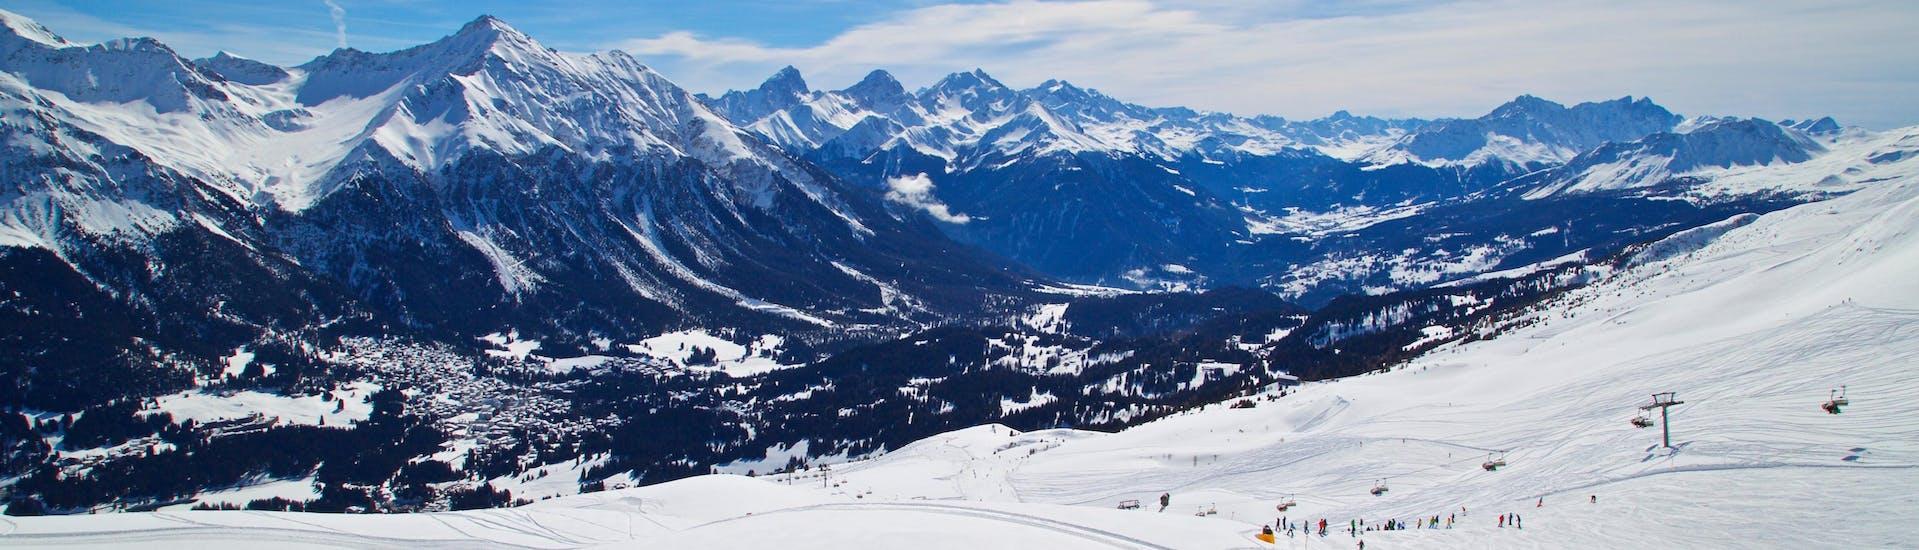 Une vue panoramique sur toute la vallée entourant la populaire station de ski suisse de Lenzerheide, où les visiteurs peuvent réserver des cours de ski auprès d'une des écoles de ski locales.